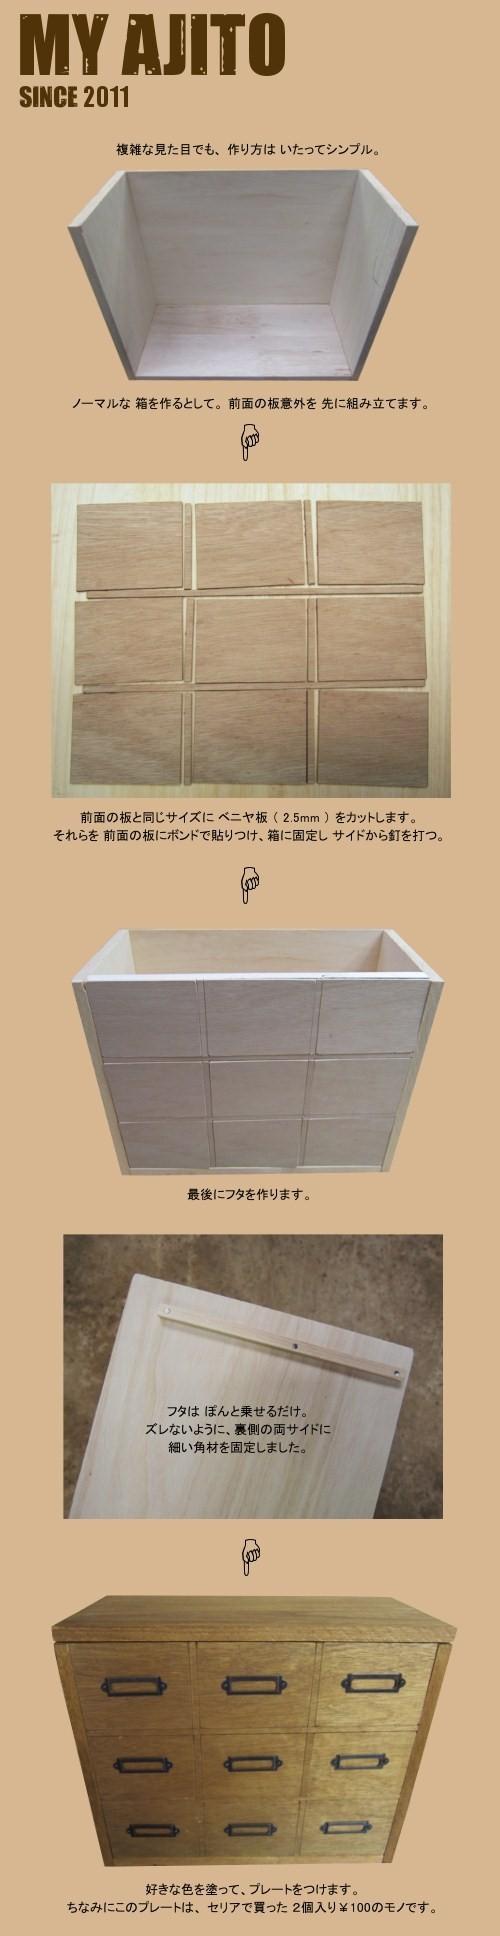 hiki_4.jpg